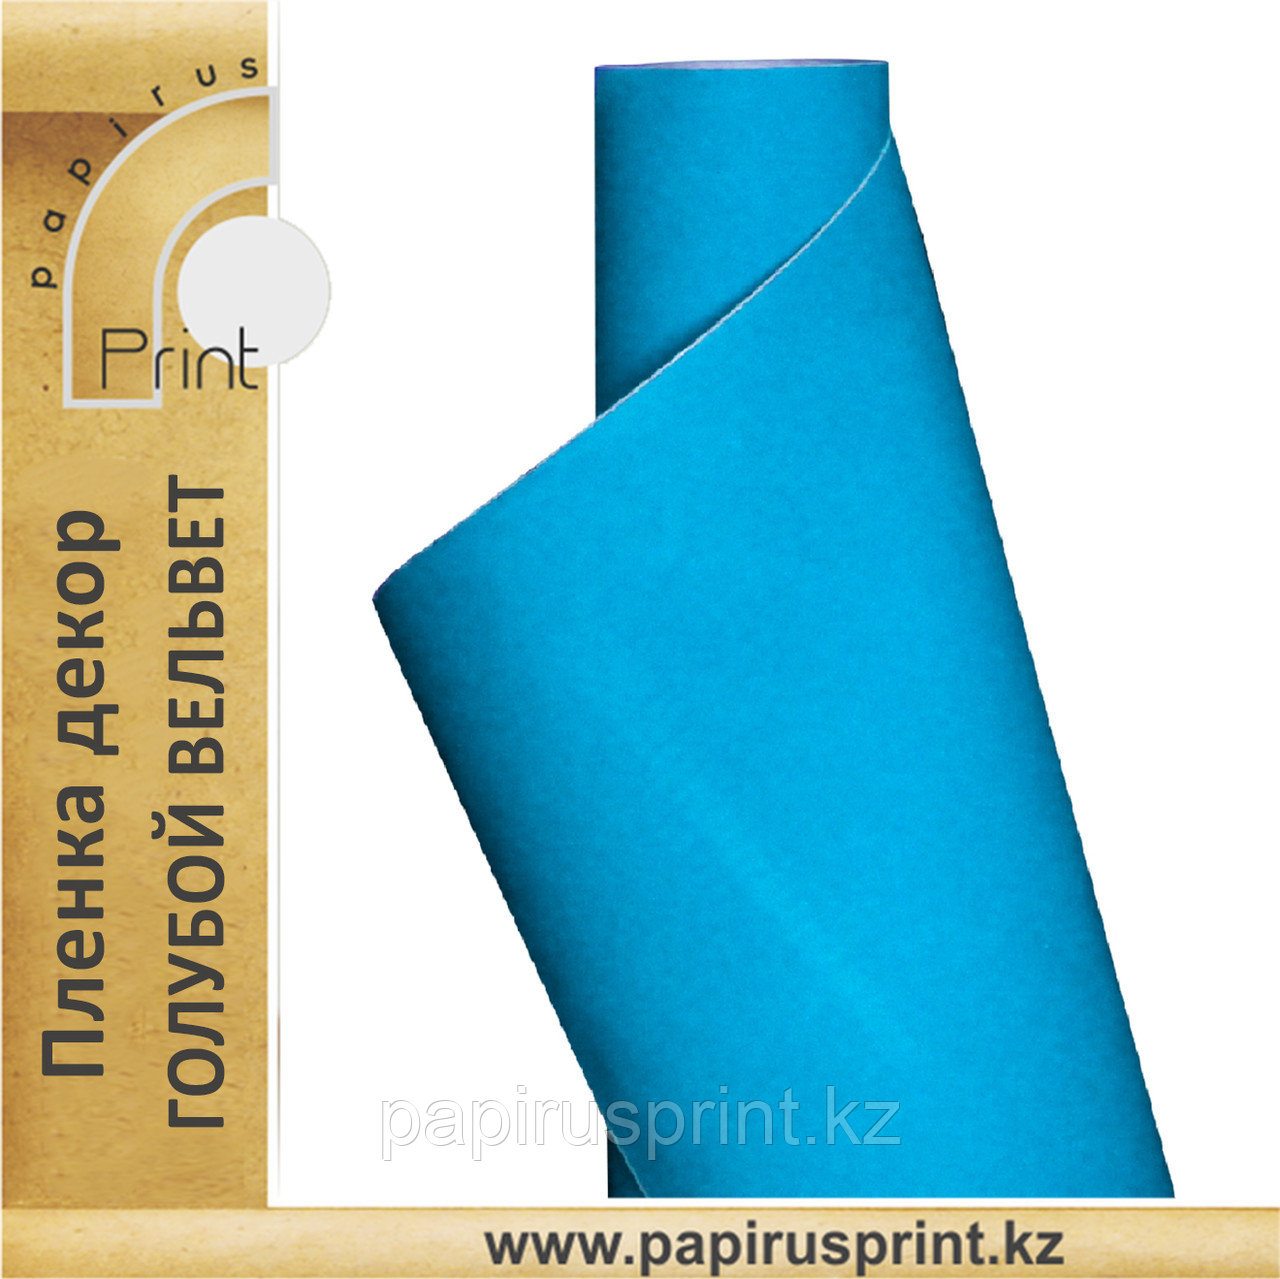 Пленка декор (вельвет голубой) 1,35м